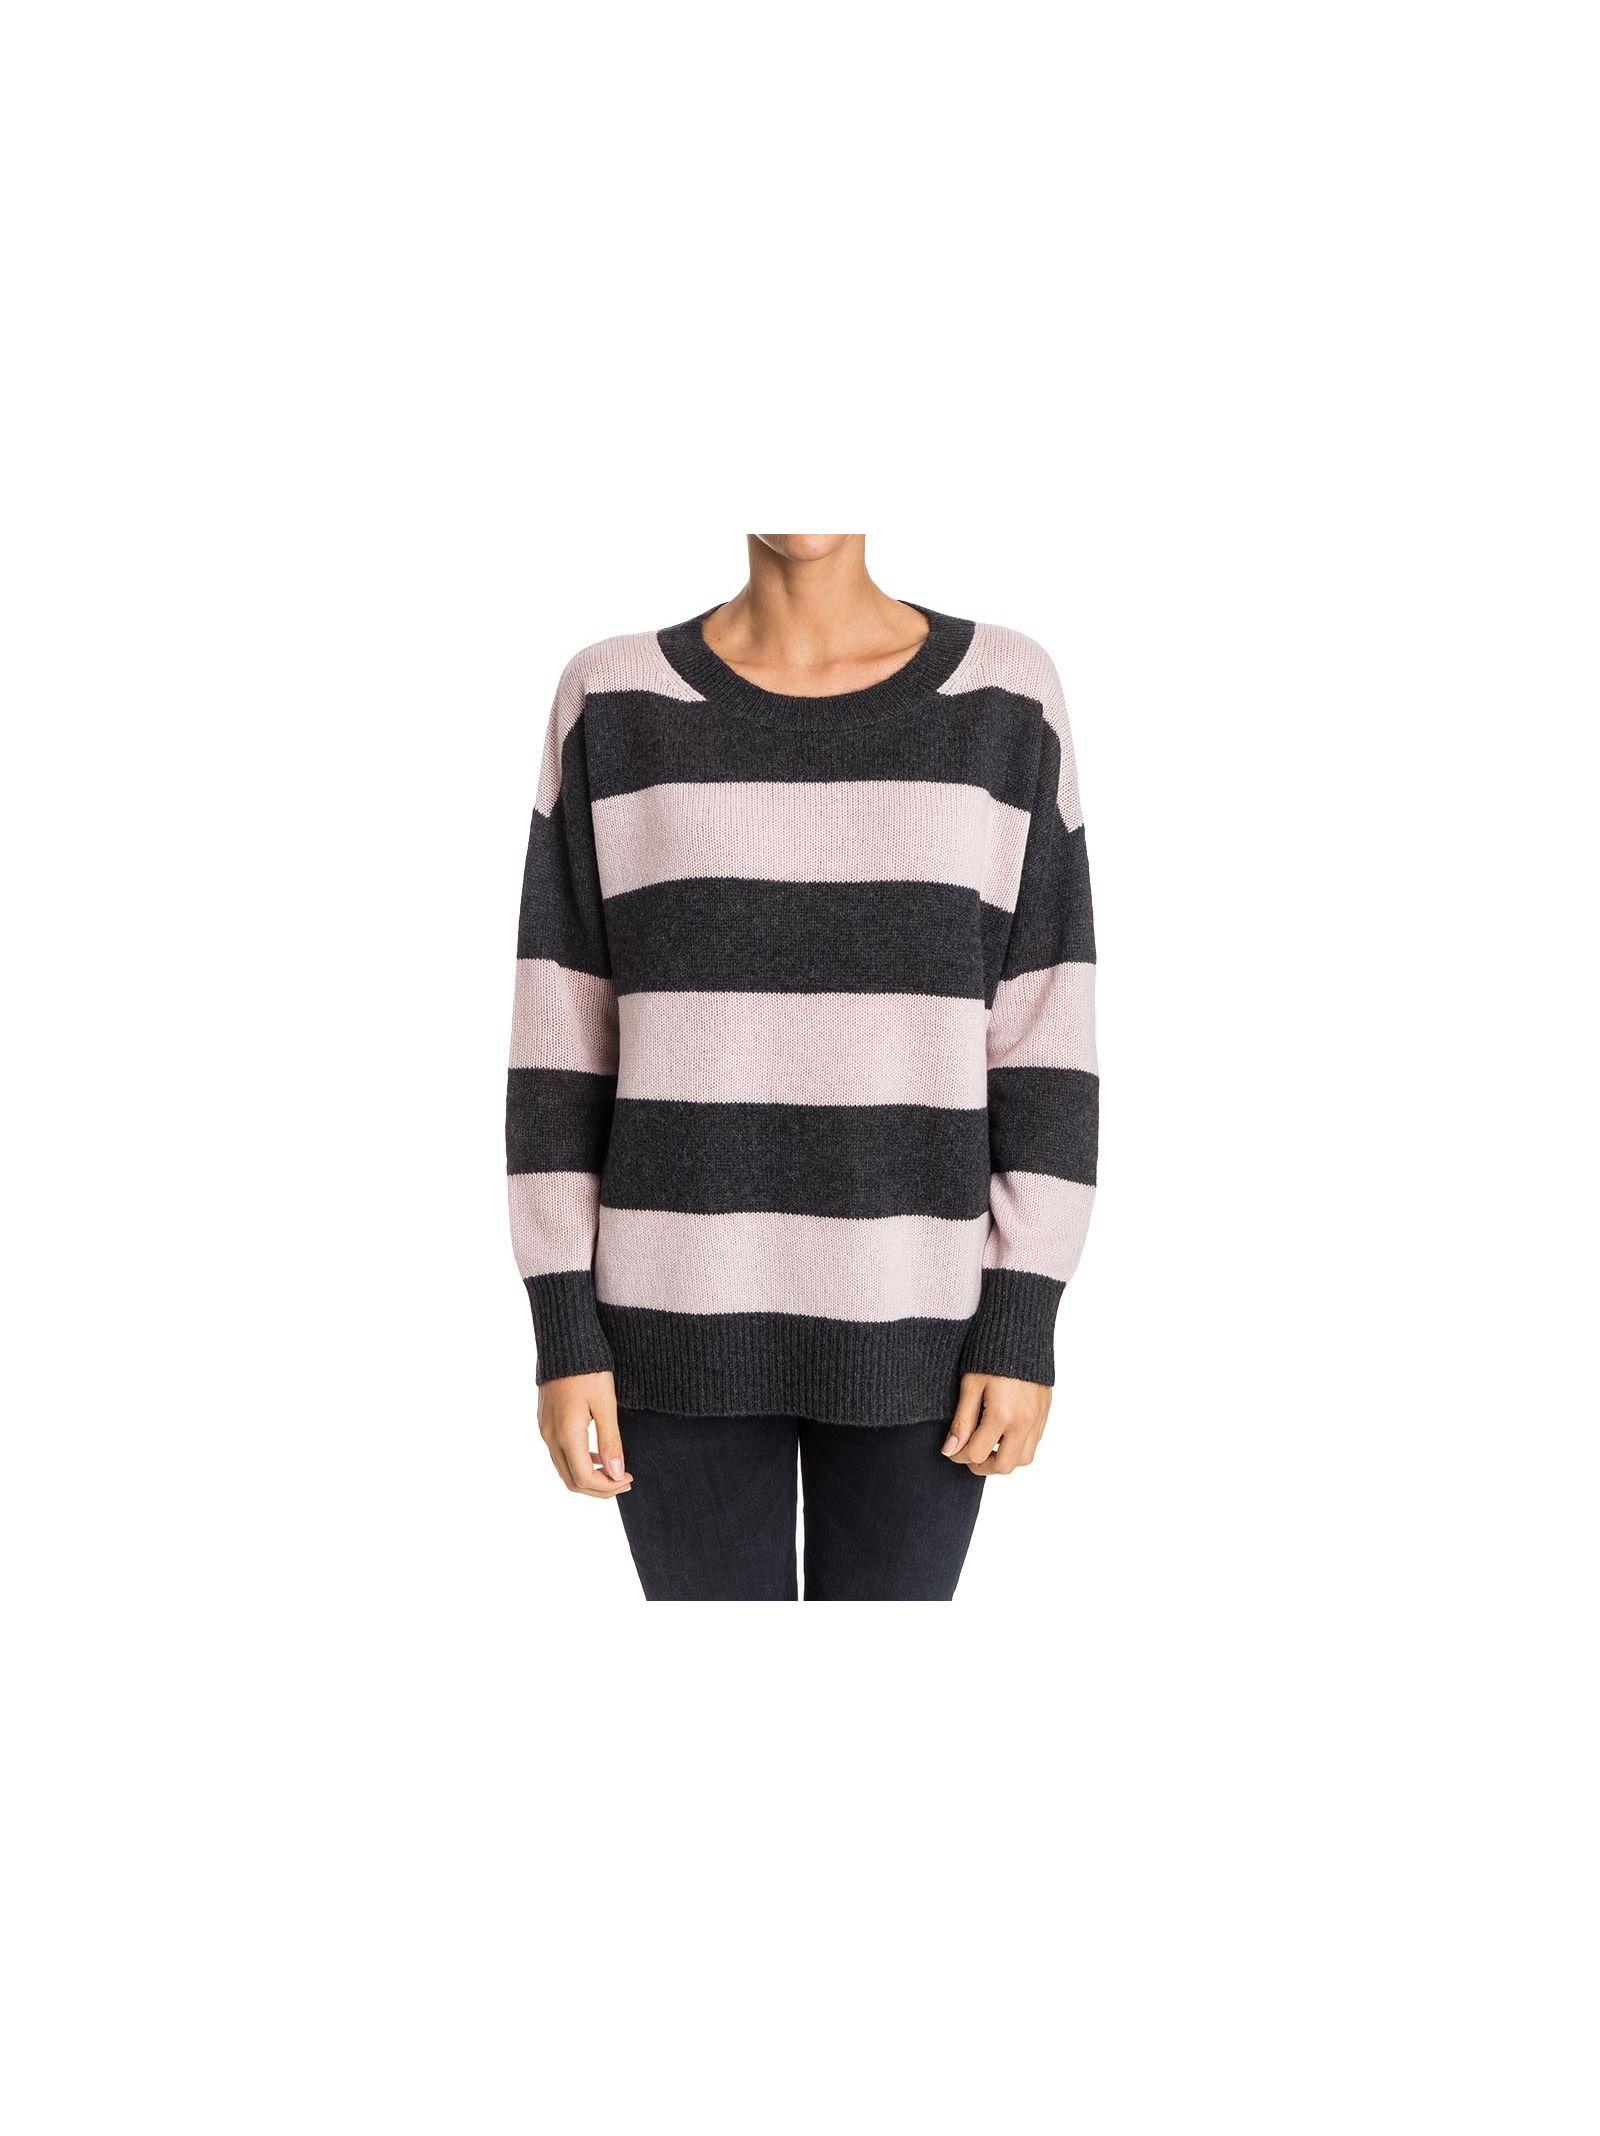 360 Cashmere - Cachemire Sweater - Casie